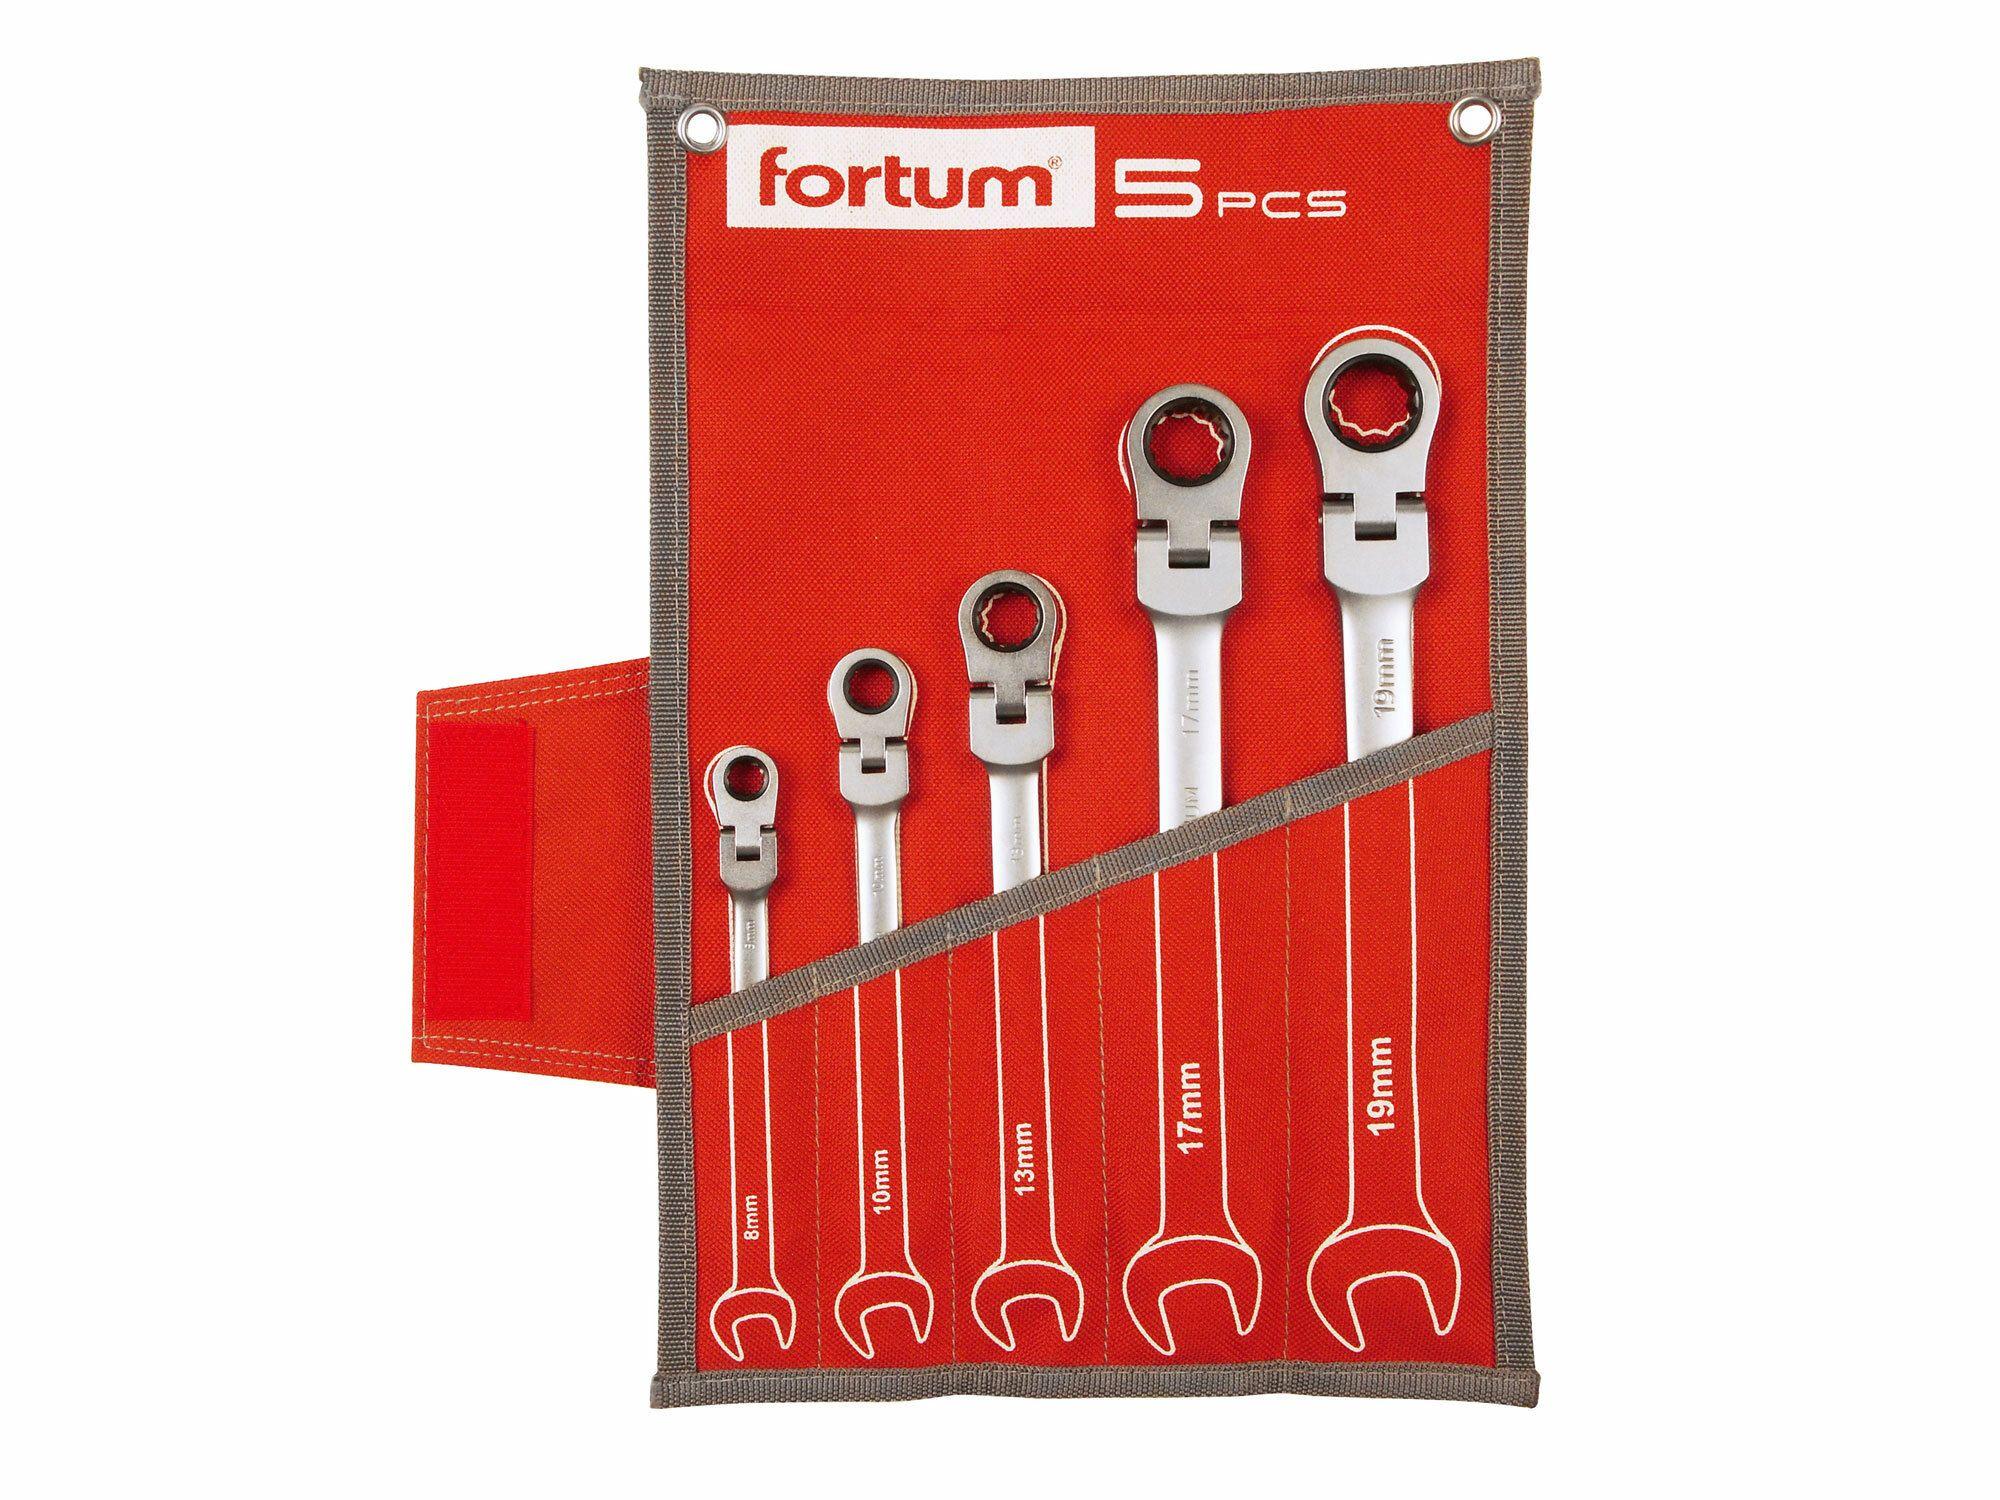 Klíče ráčnové očkoploché, sada 5ks, 8-10-13-17-19mm, CrV/S2, FORTUM